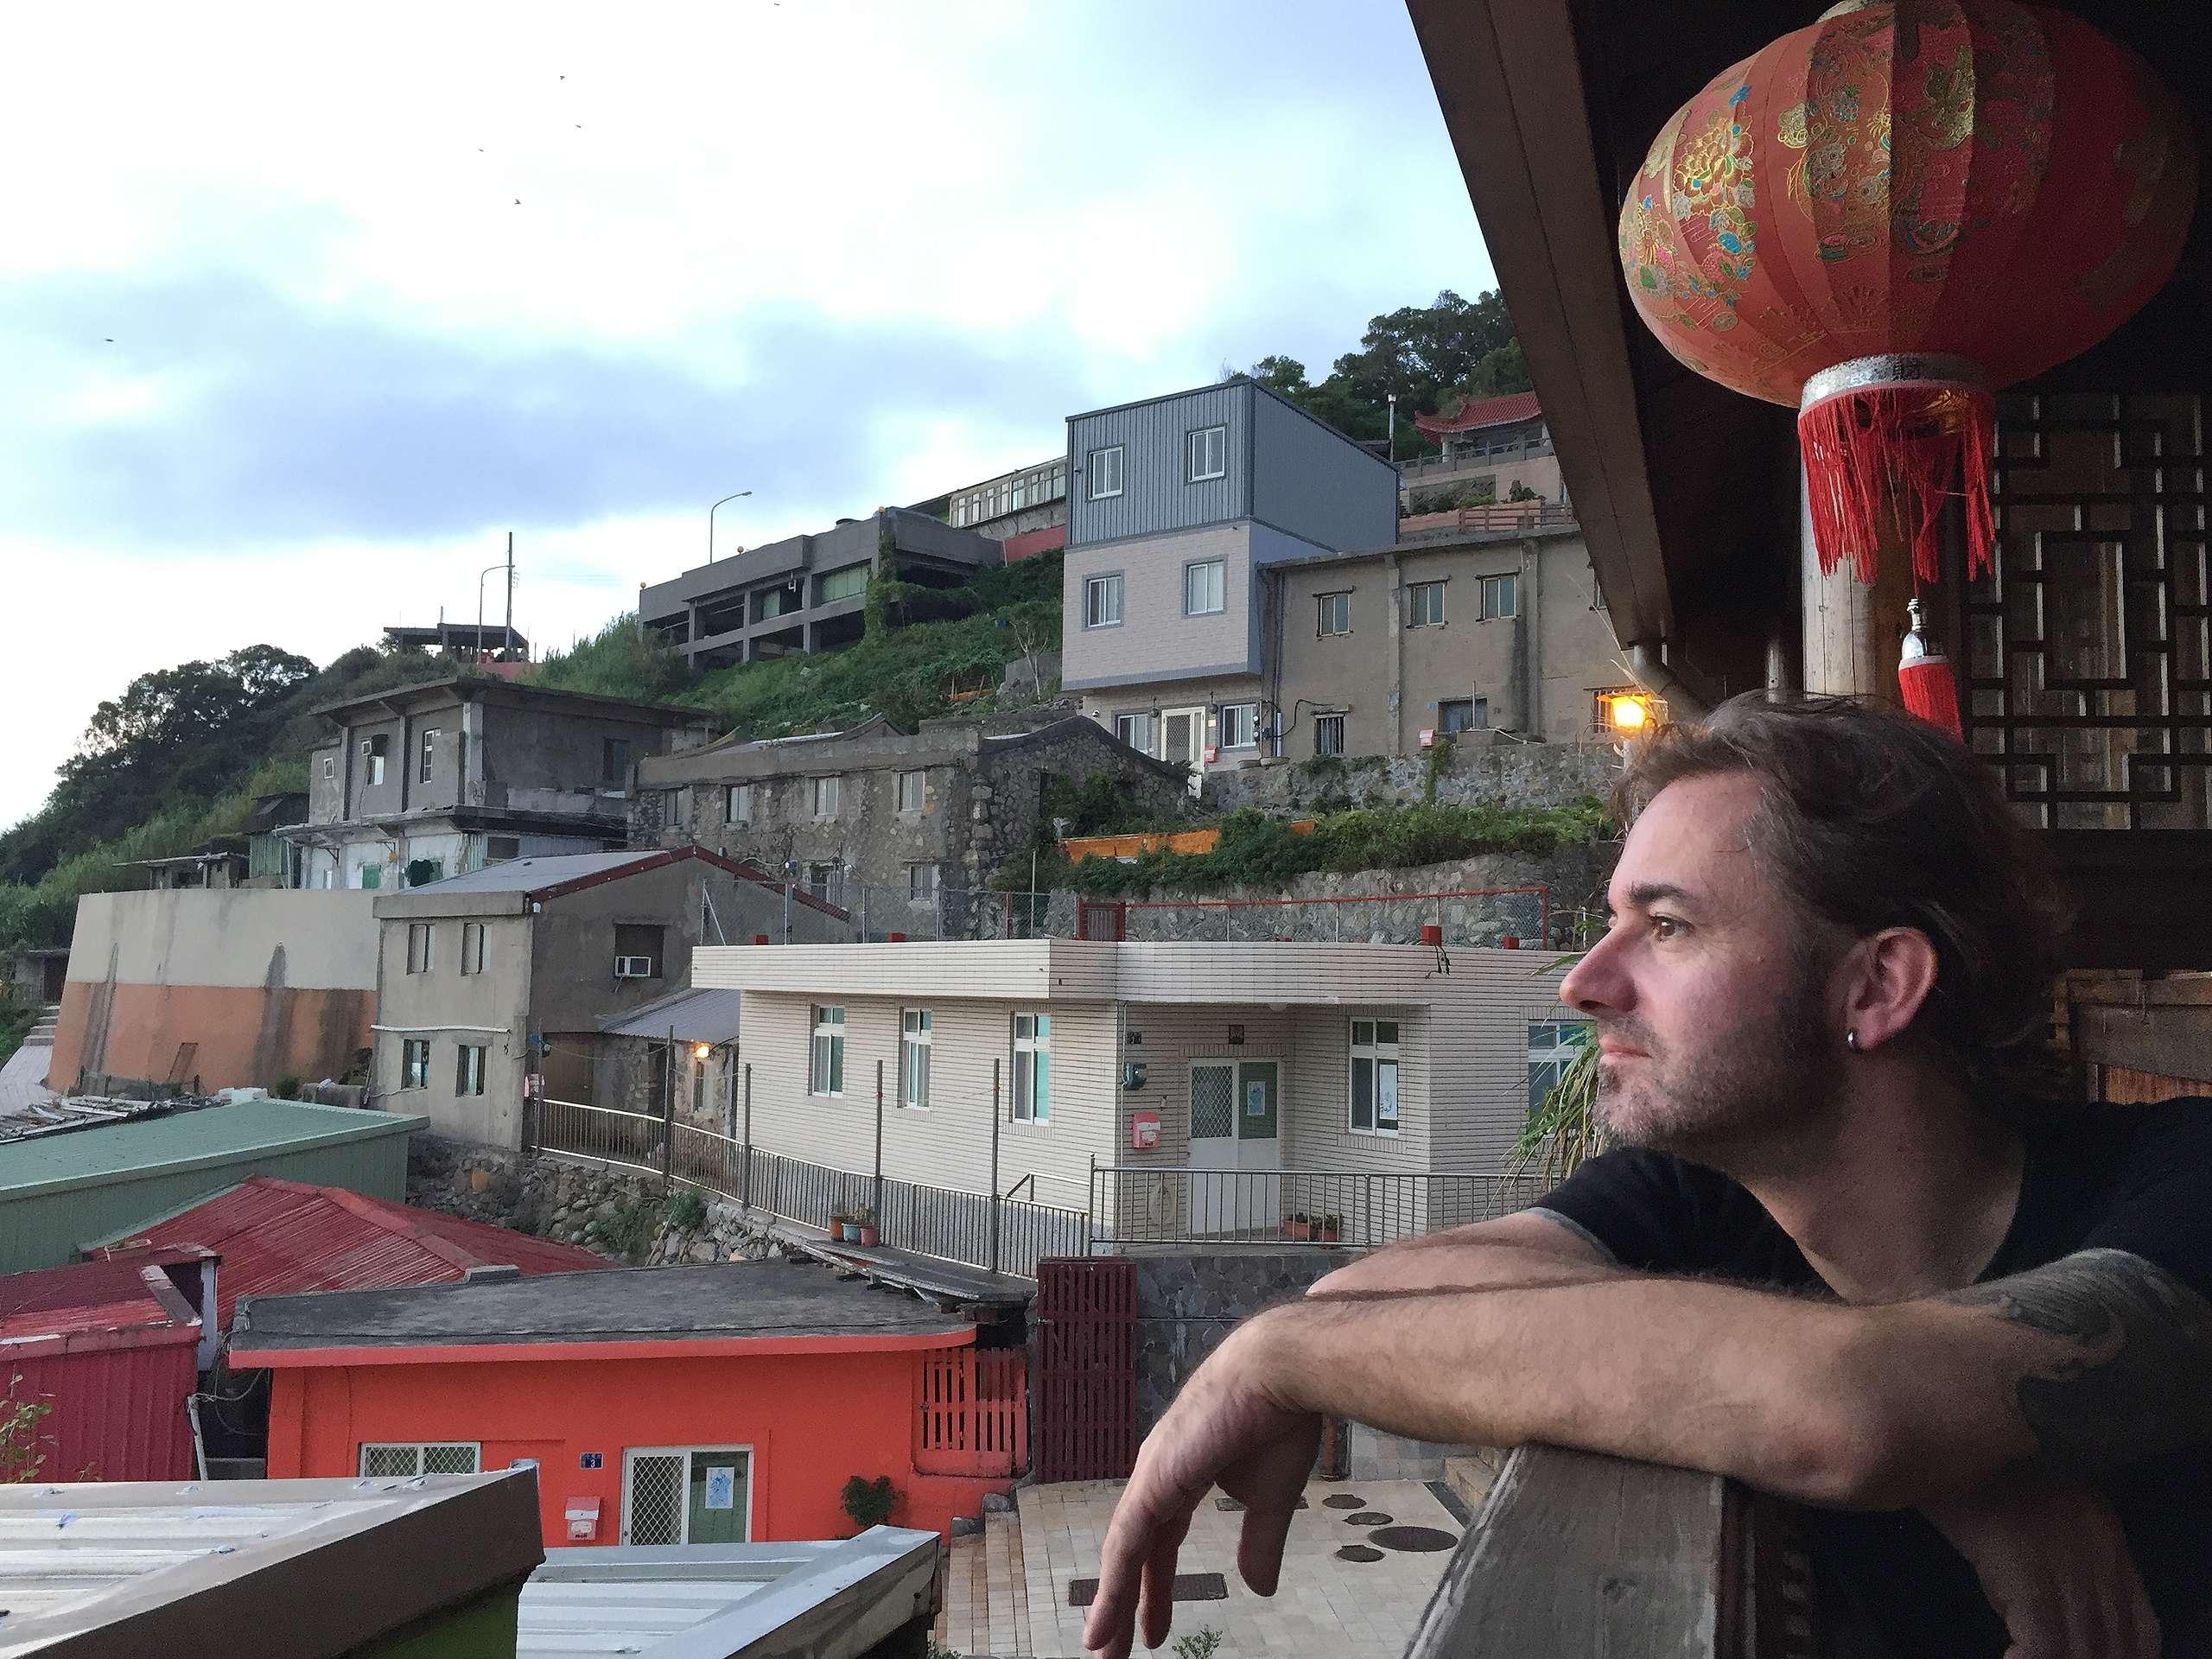 高林翰現在居住於臺灣,持續為守護全球海洋而努力,照片攝於馬祖。